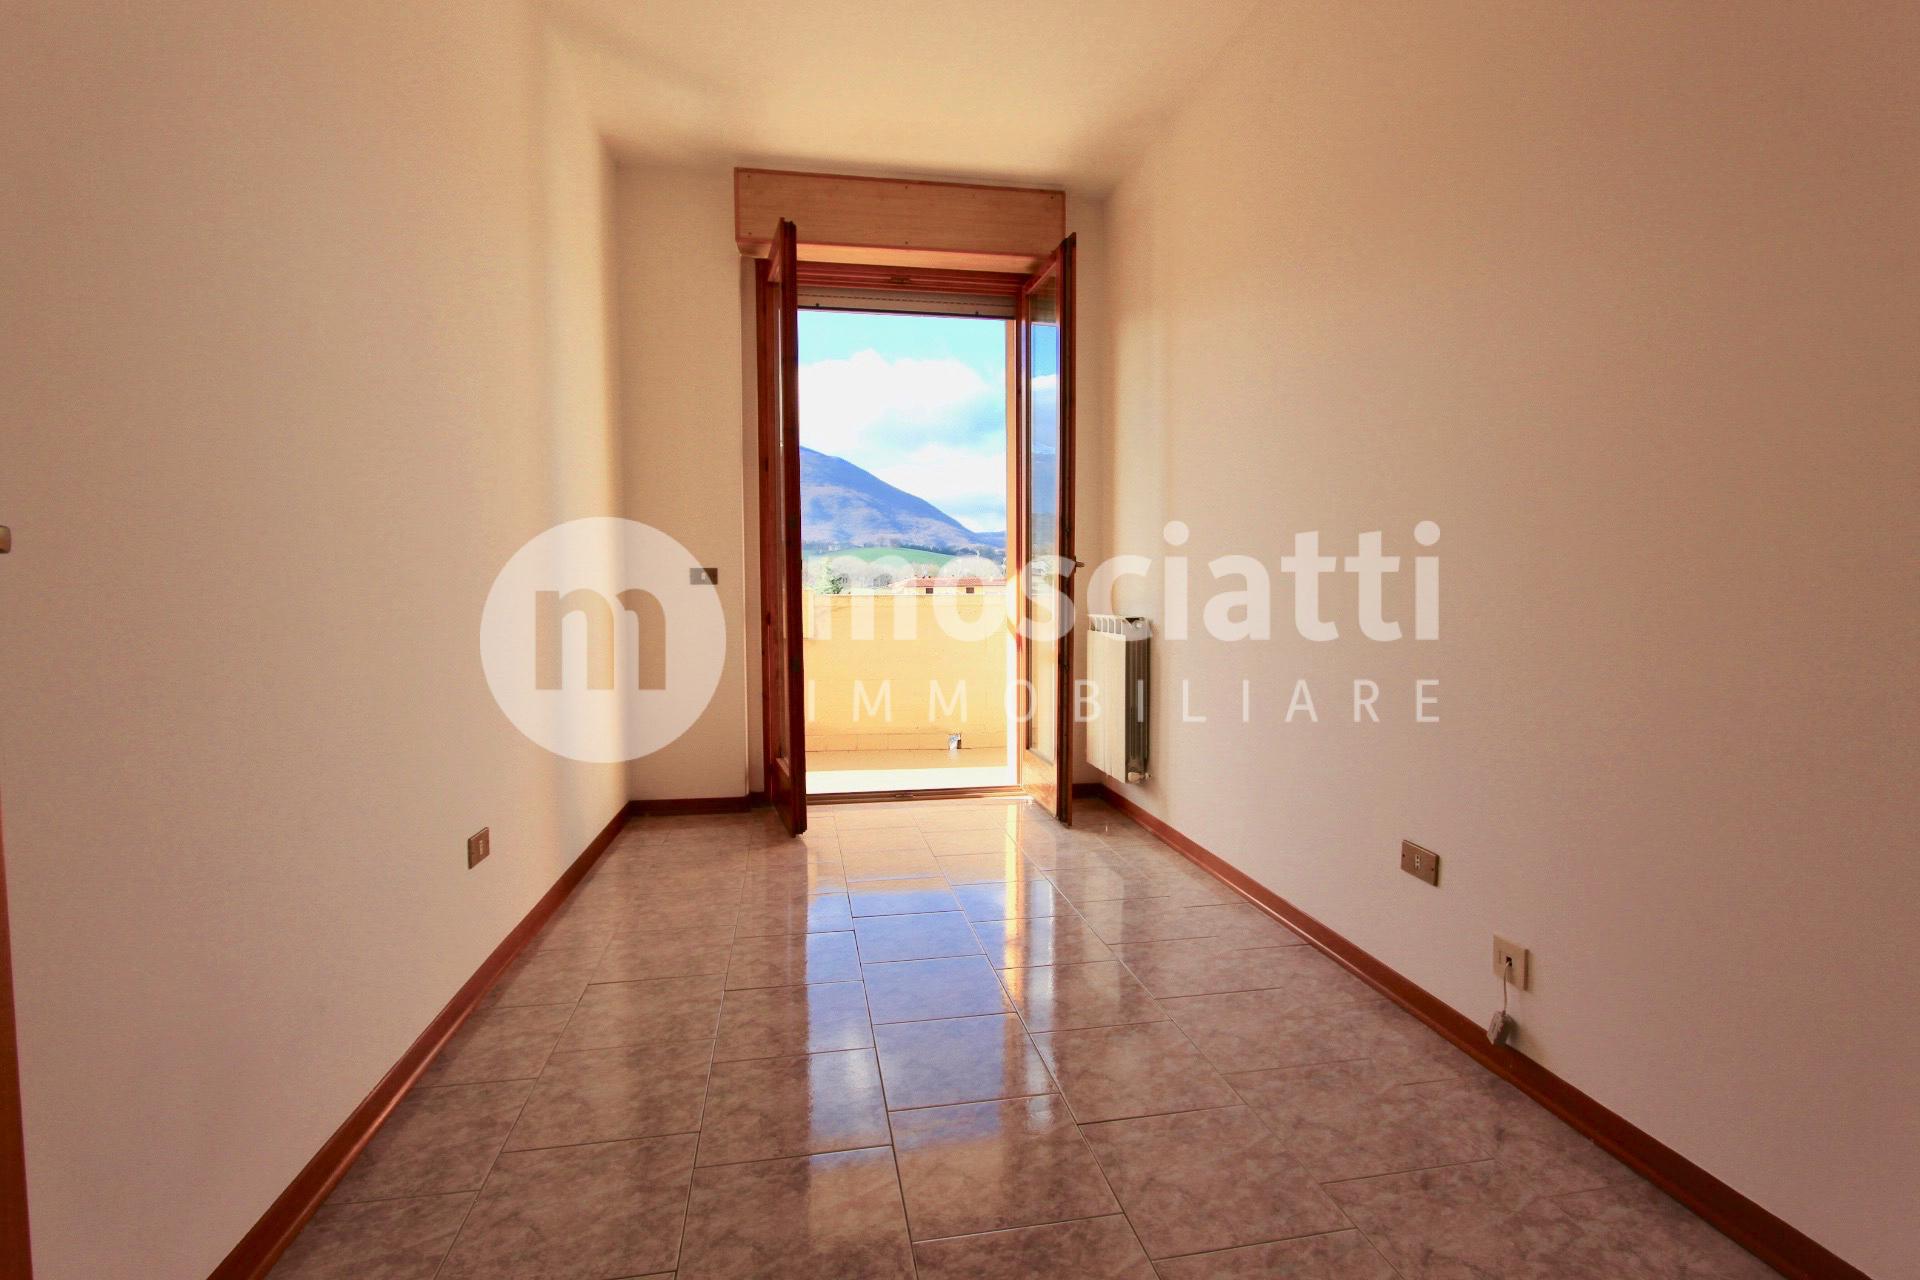 Matelica, Quartiere Regina Pacis, Via Guido Rossa, Vendesi Appartamento al Terzo piano - 1